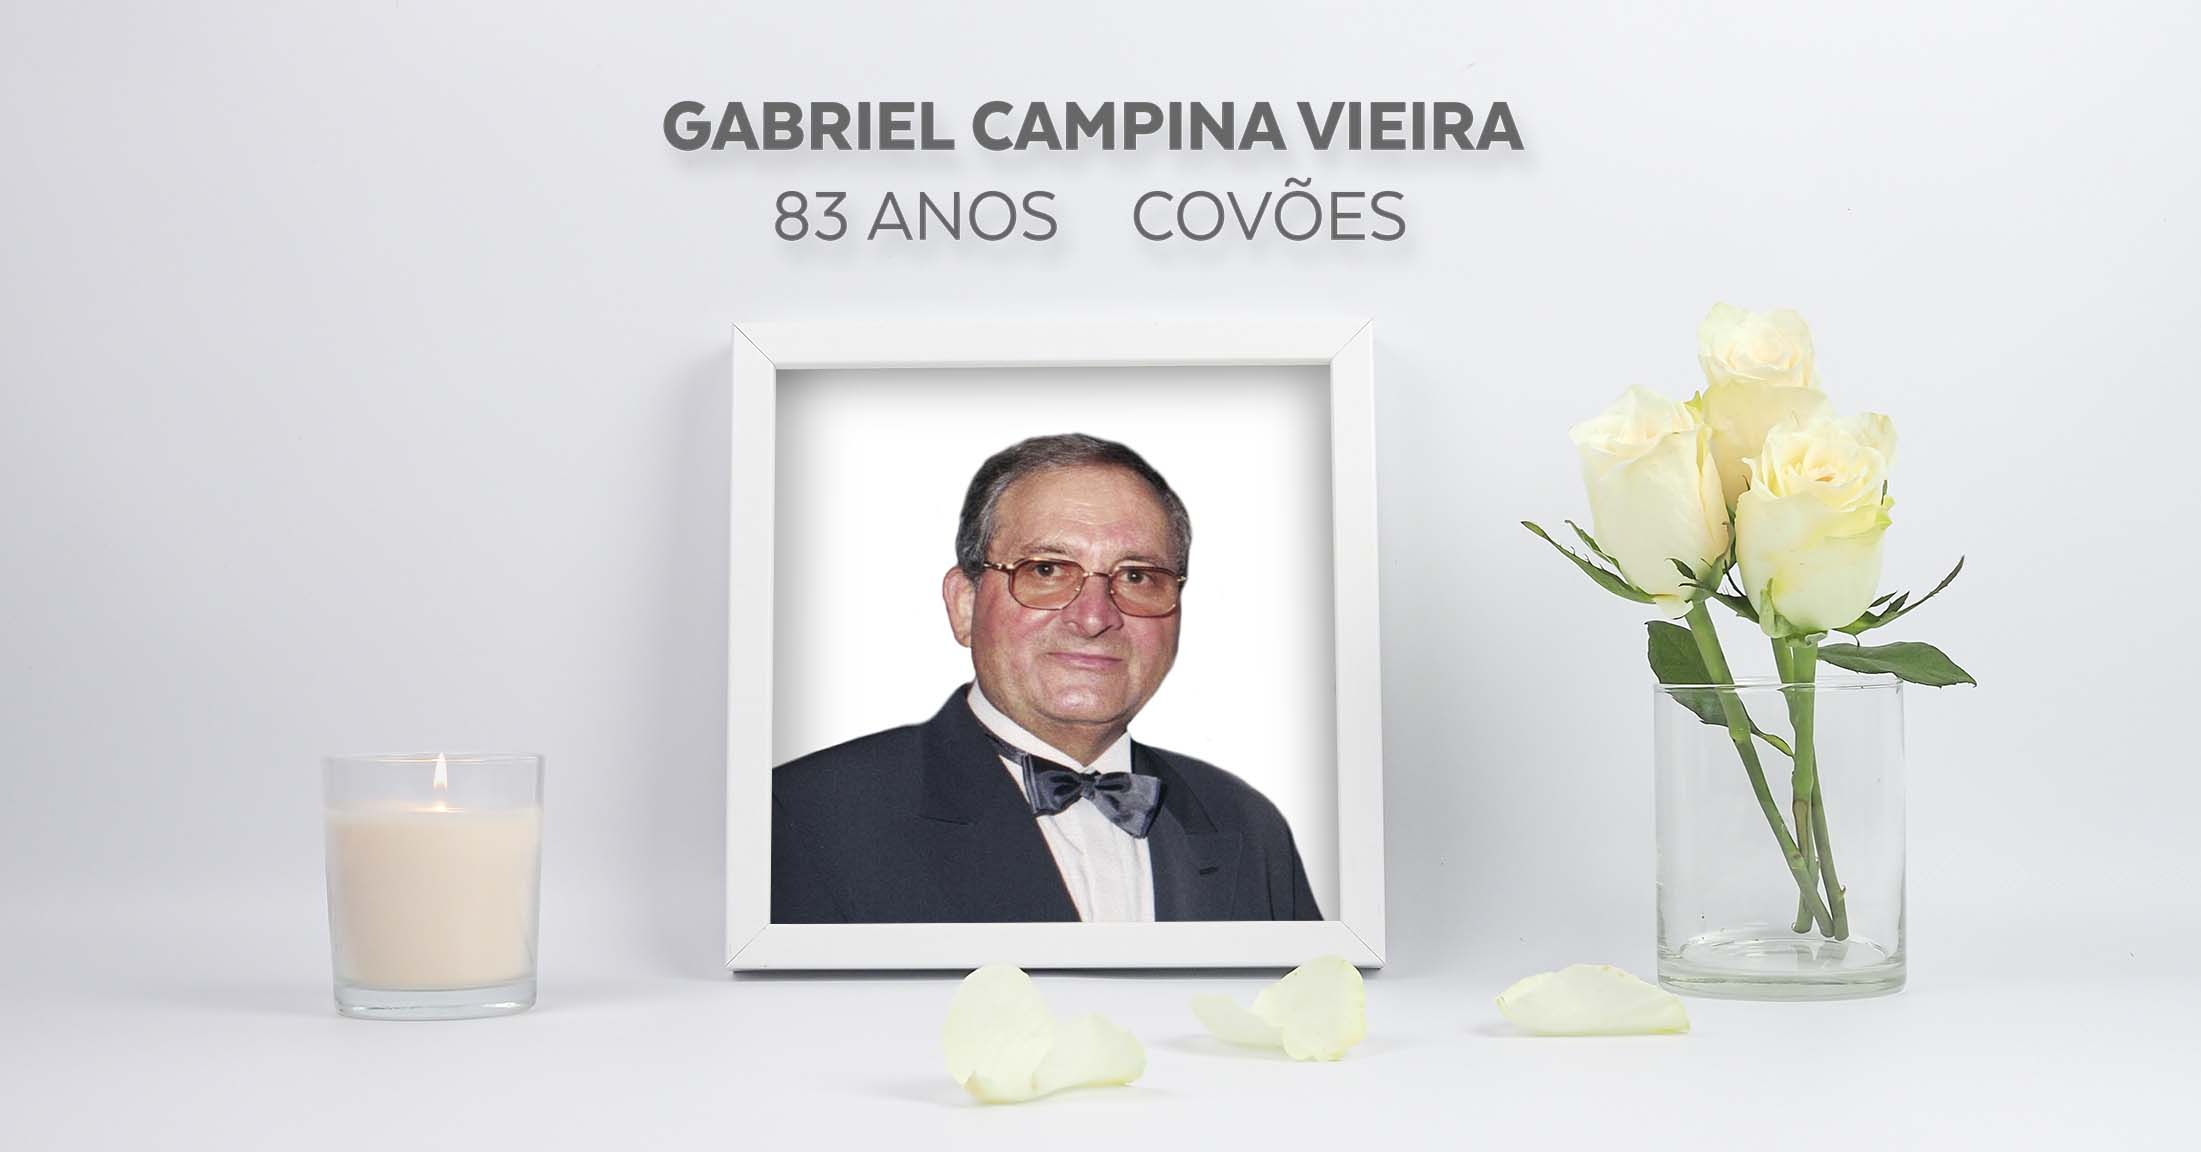 Gabriel Campina Vieira